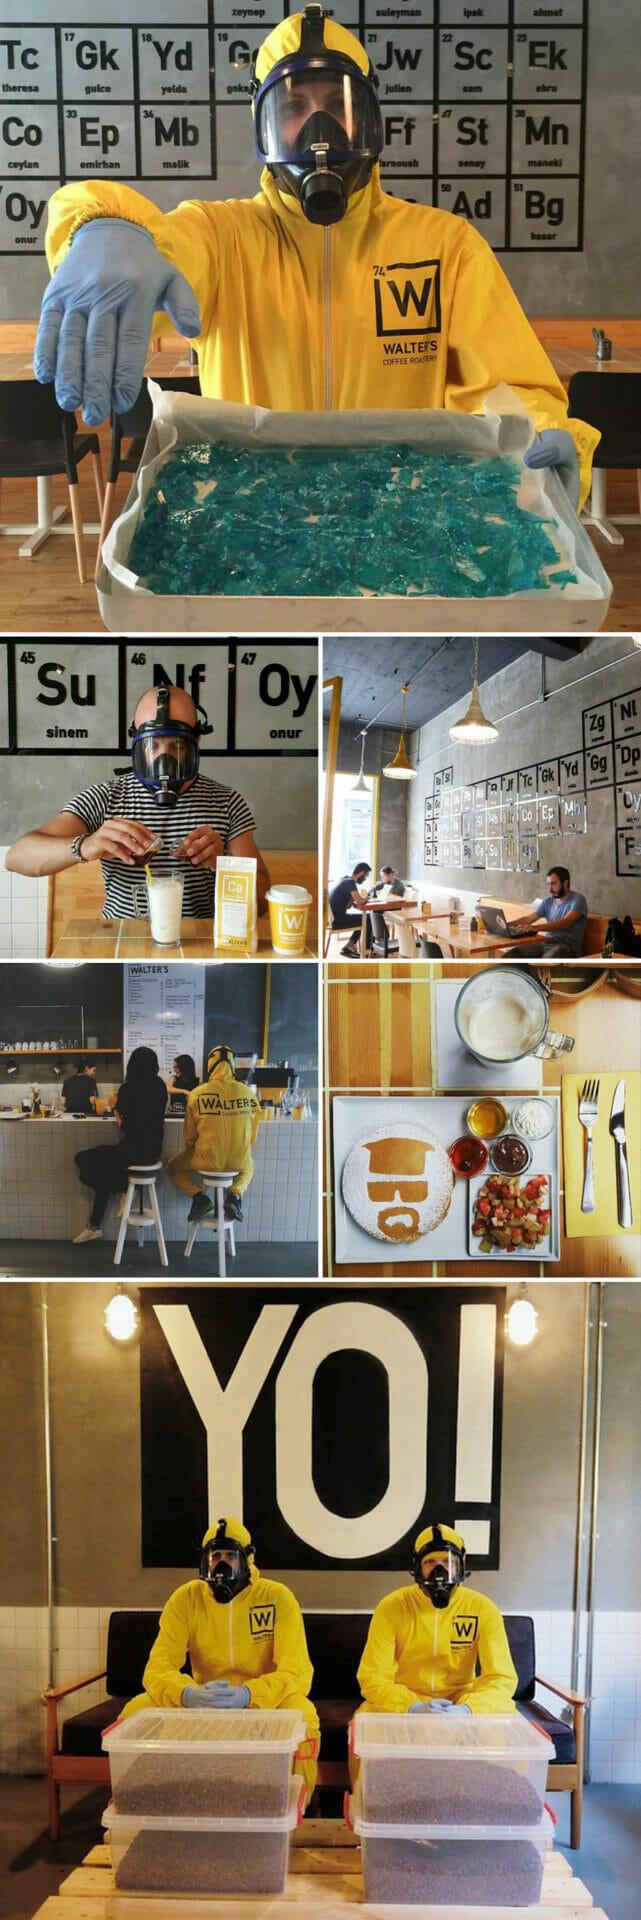 restaurantes-cafes-espetaculares_5